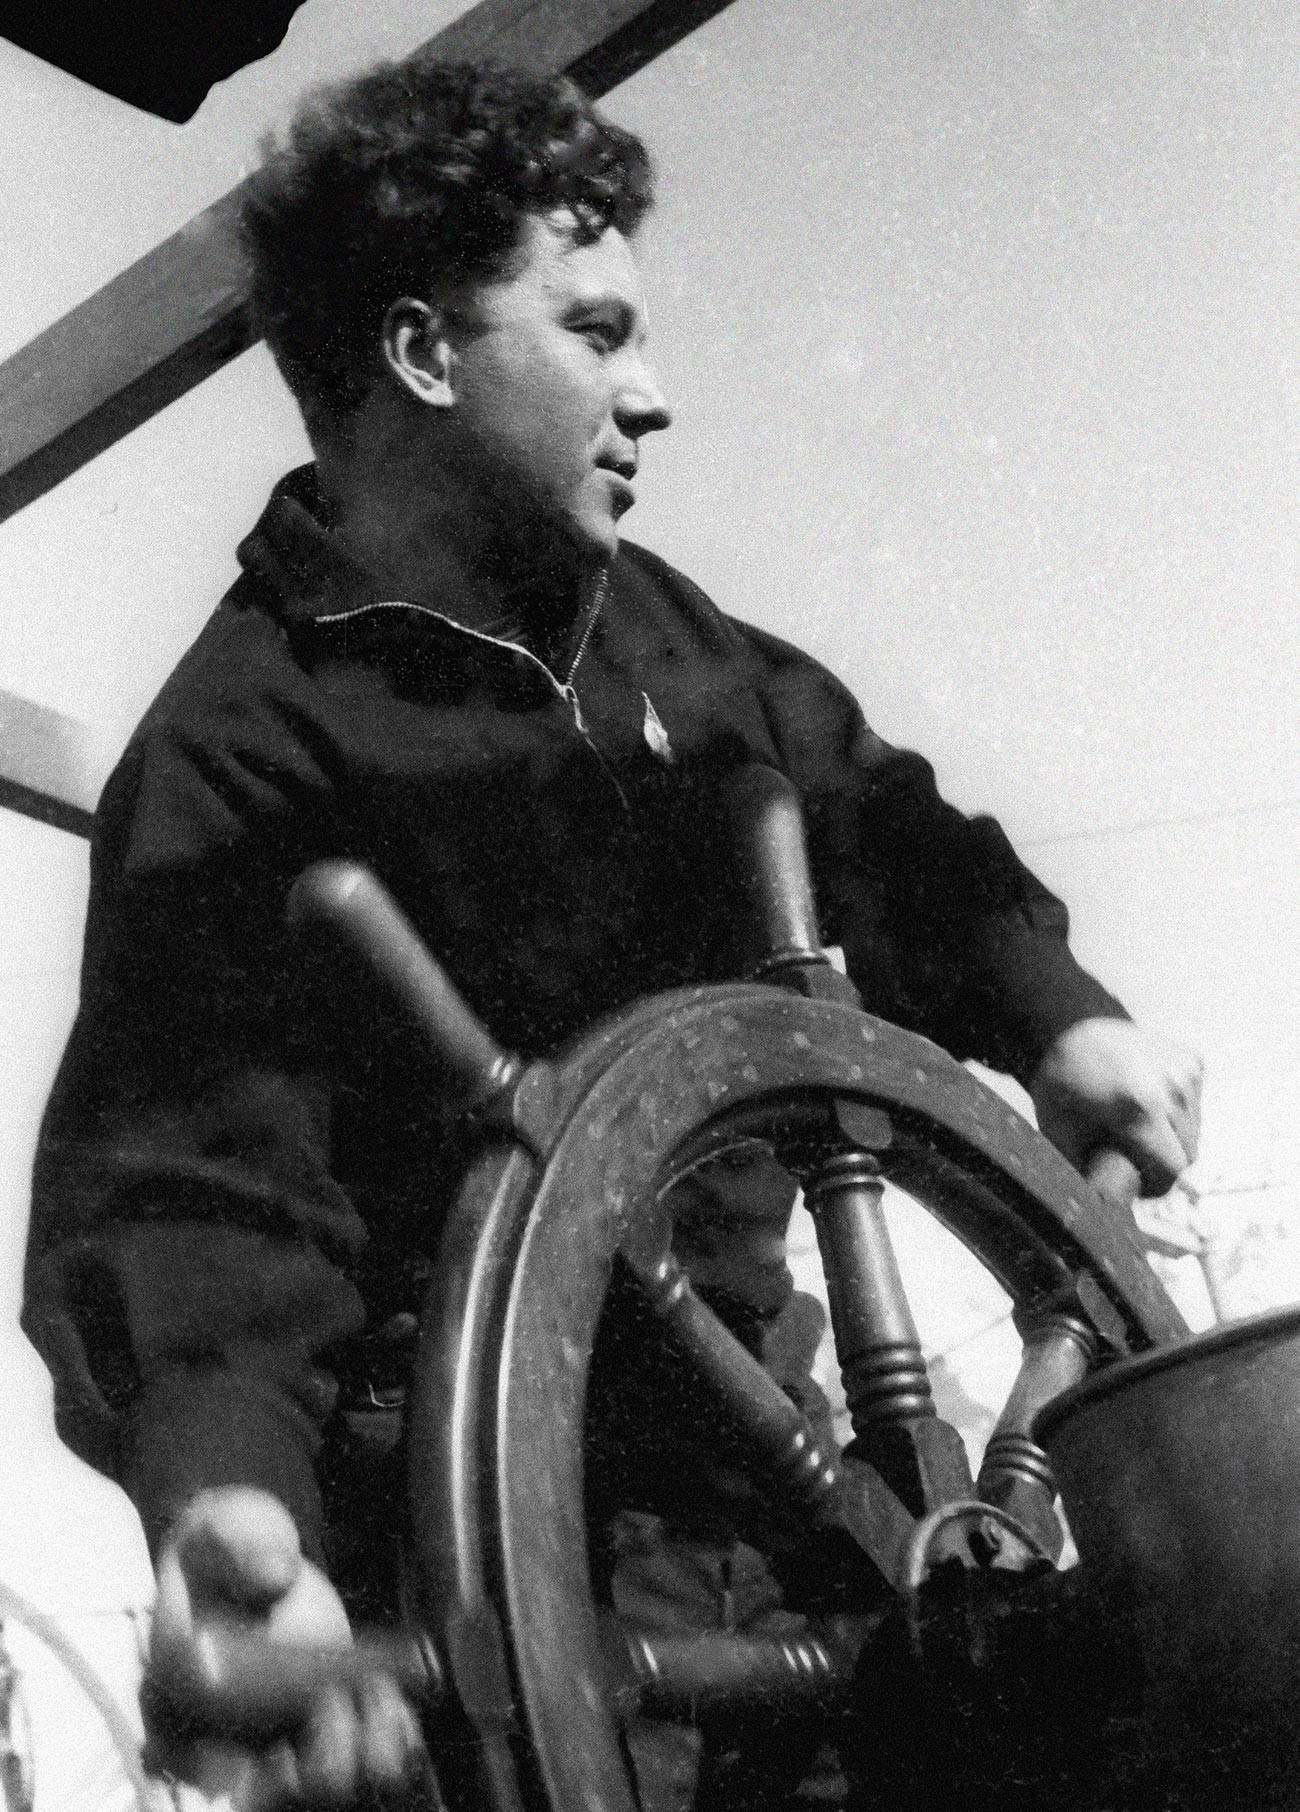 El piloto Liapidevski, héroe de la Unión Soviética, participó en el rescate de la expedición Cheliuskin